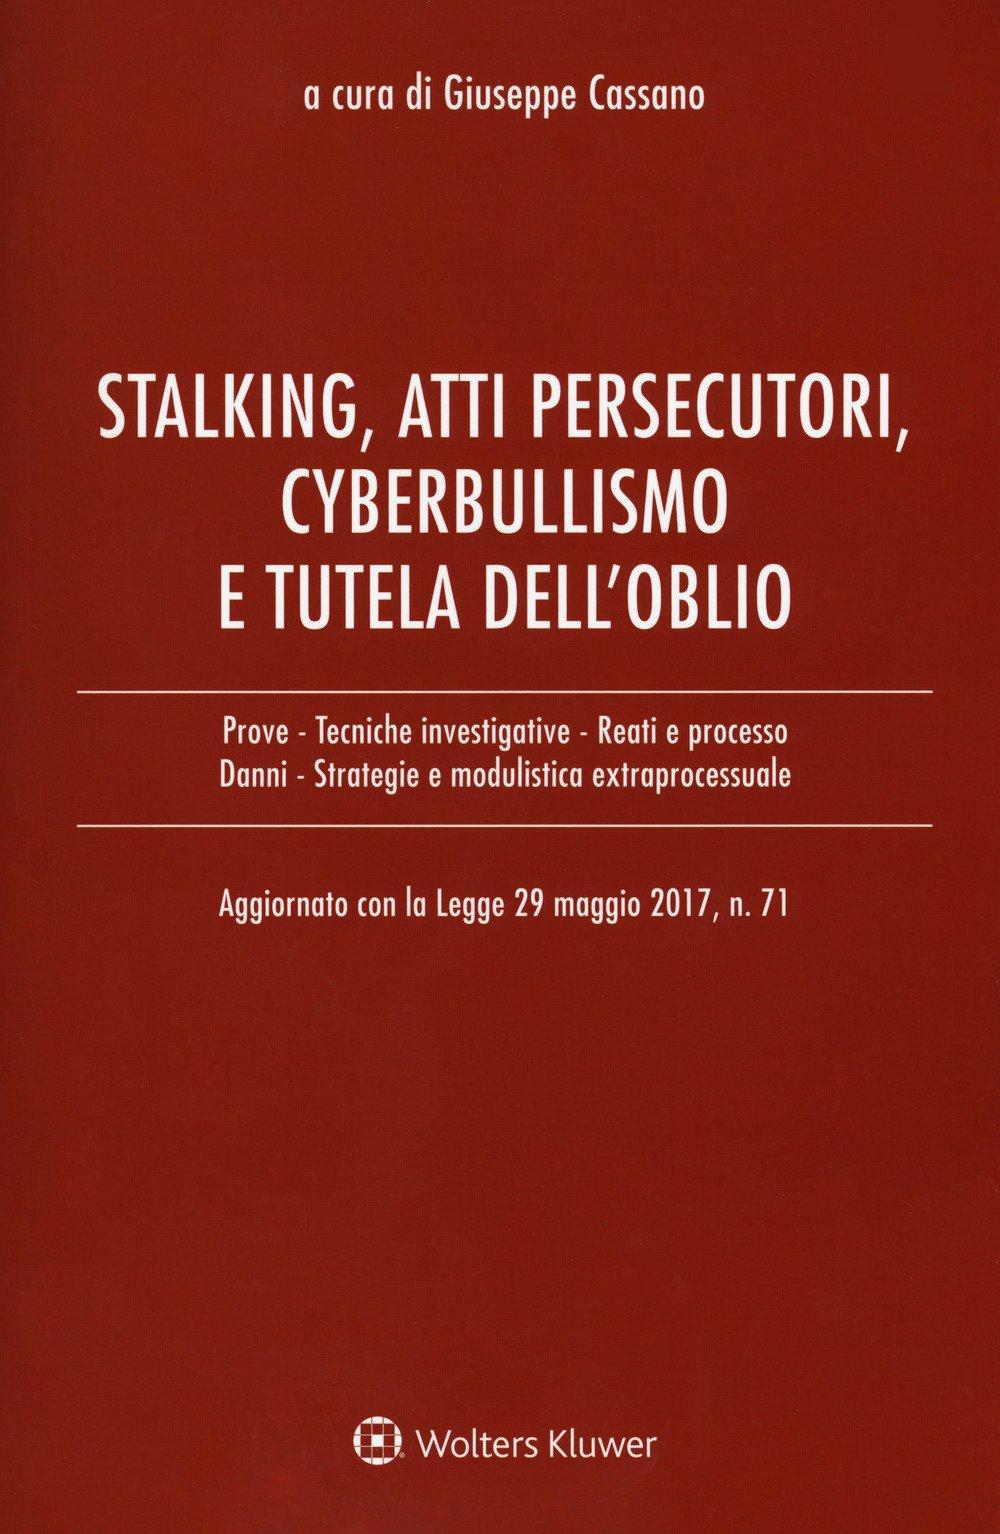 Stalking, atti persecutori, cyberbullismo e tutela dell'oblio. Aggiornato con la legge 29 maggio 20